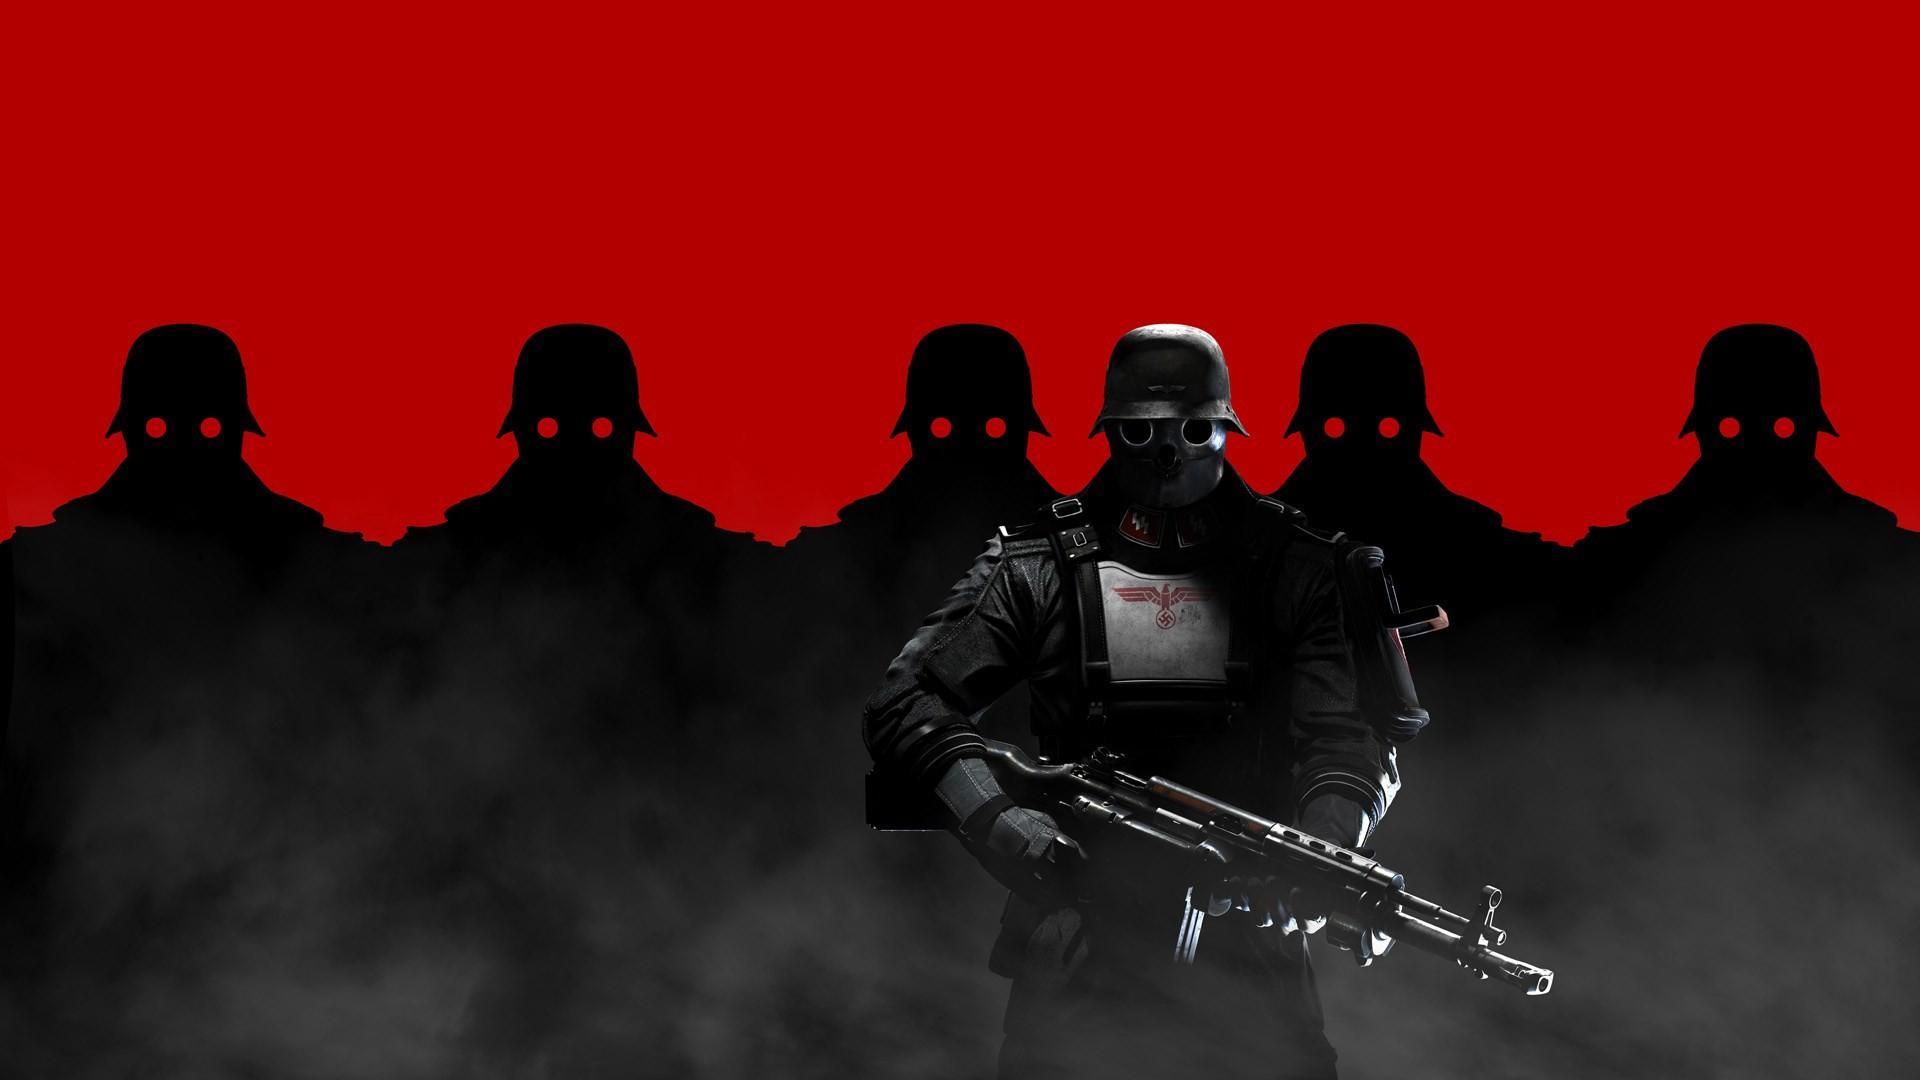 Wolfenstein The New Order Wallpaper. 1920×1080